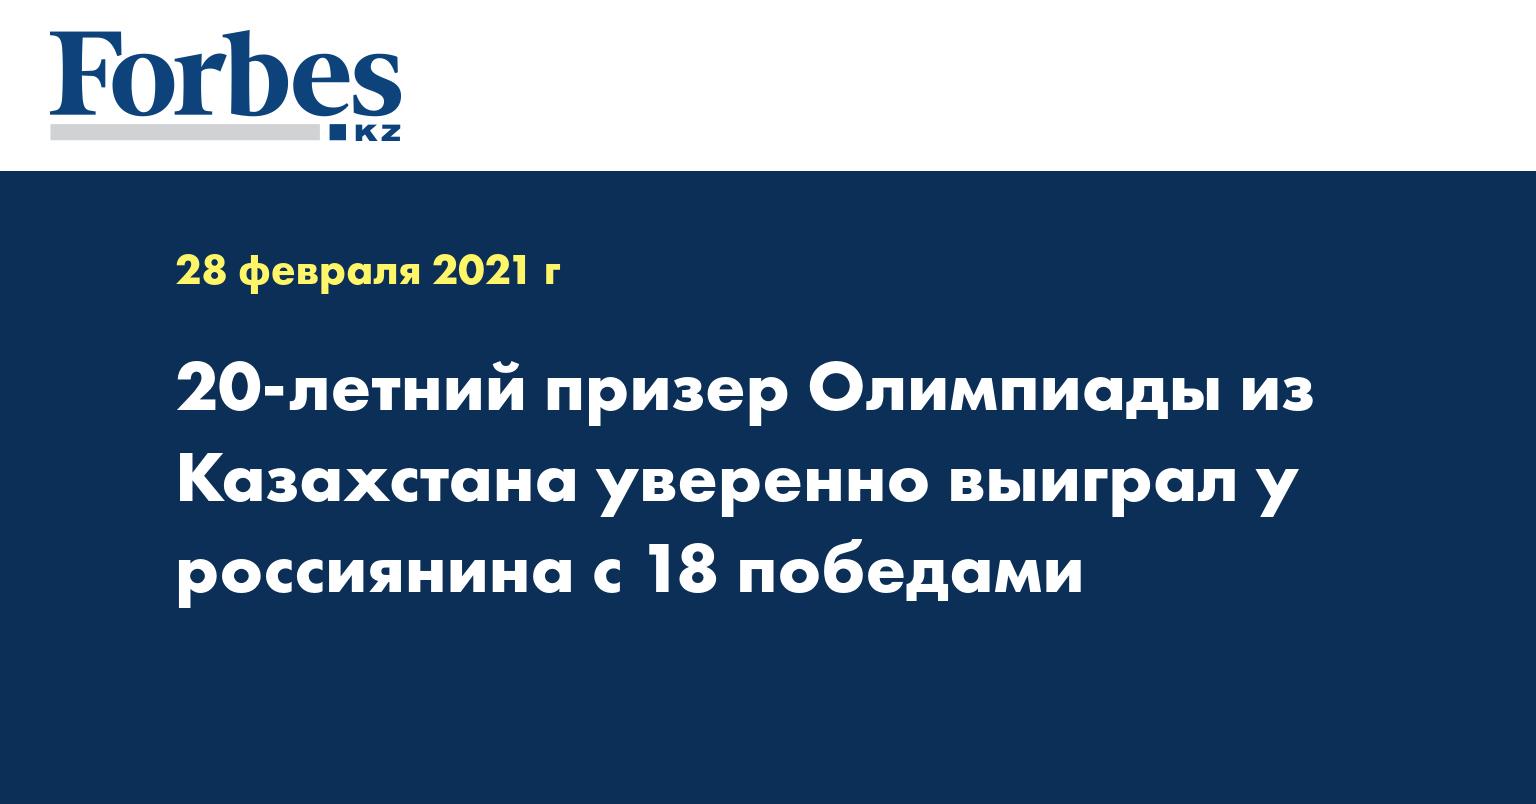 20-летний призер Олимпиады из Казахстана уверенно выиграл у россиянина с 18 победами